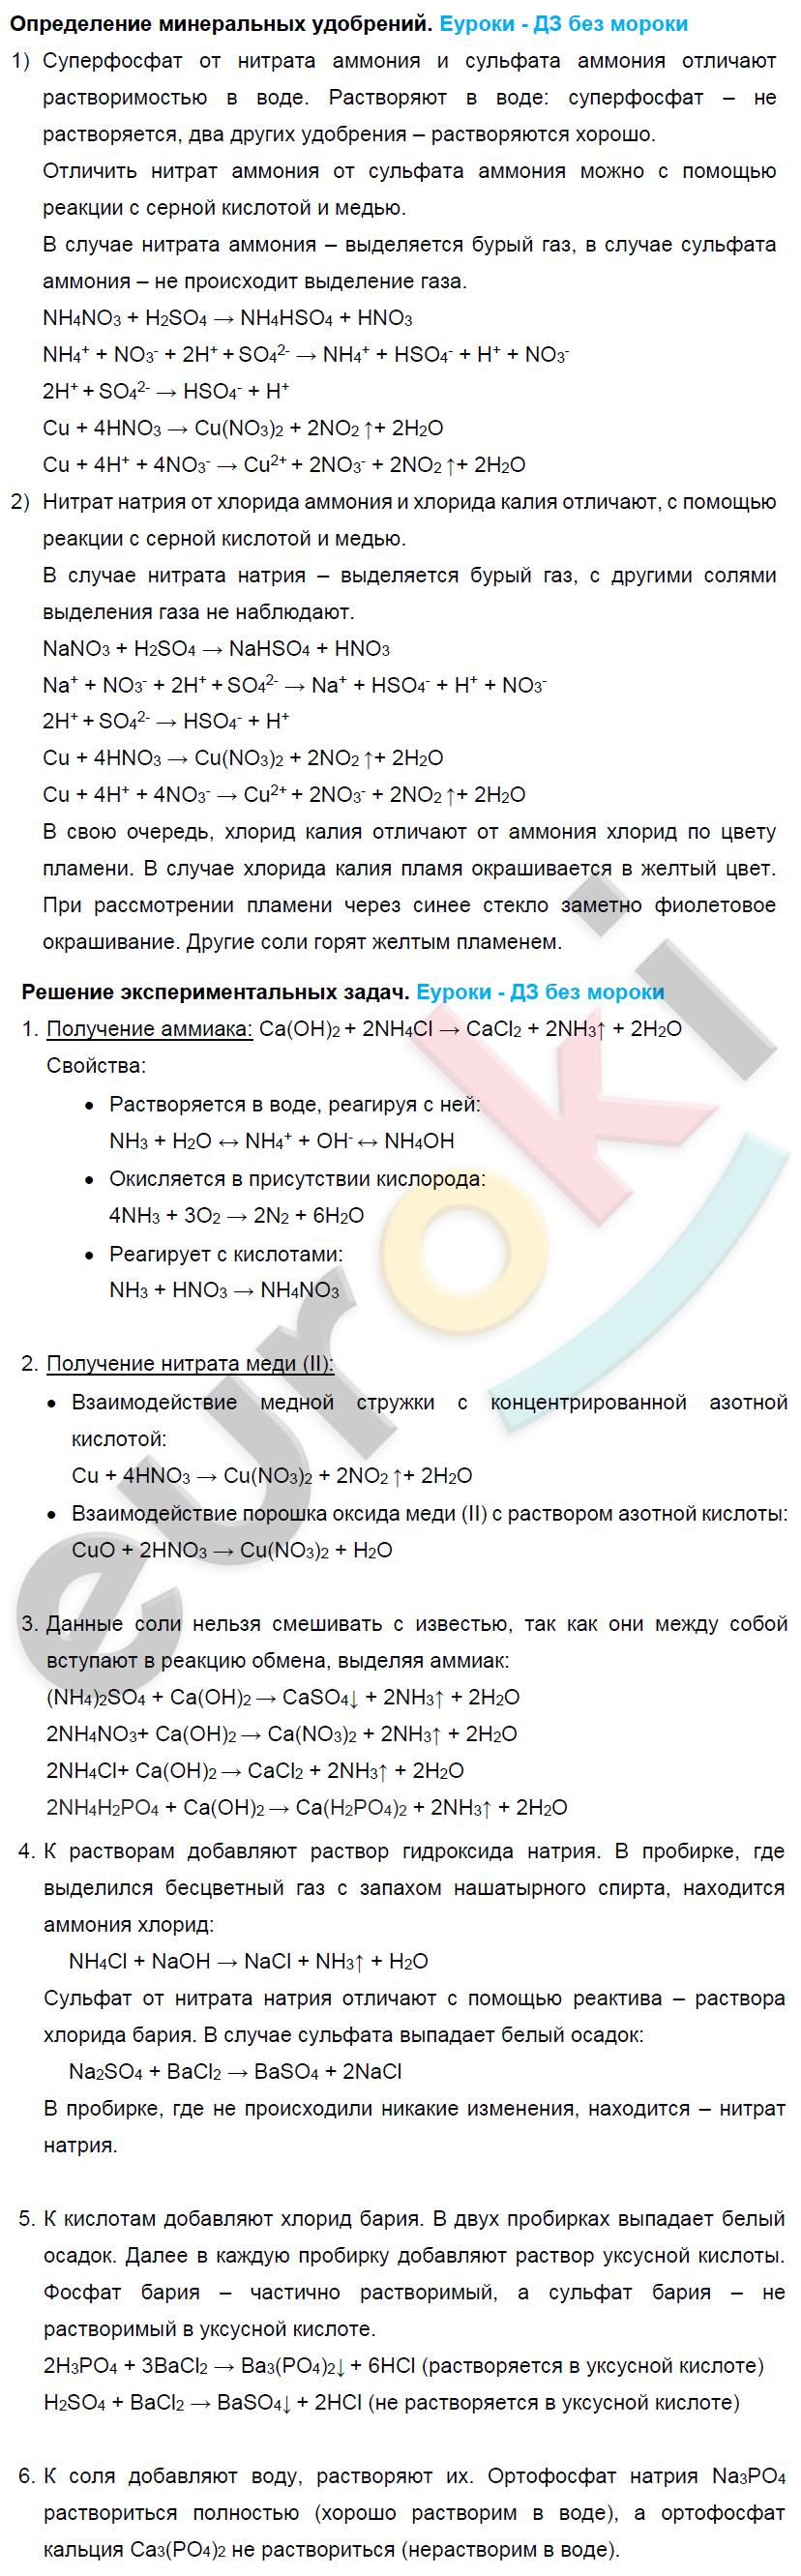 Гдз По Химии 8 Класс Рудзитис Фельдман 11 Издание